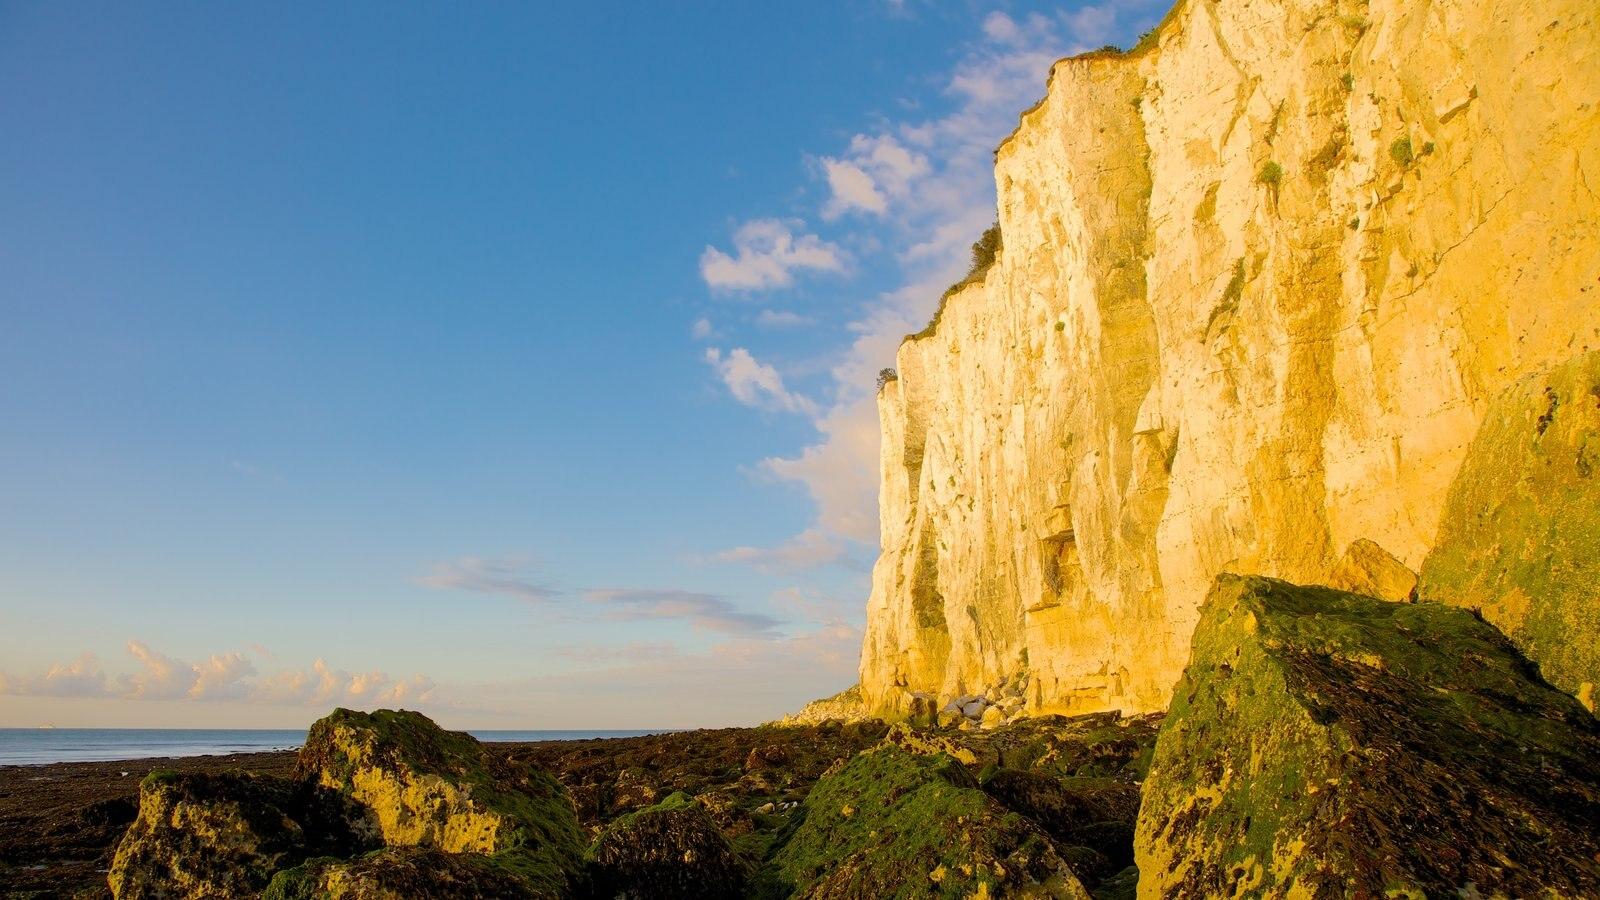 Dover ofreciendo montañas, vistas de paisajes y costa rocosa